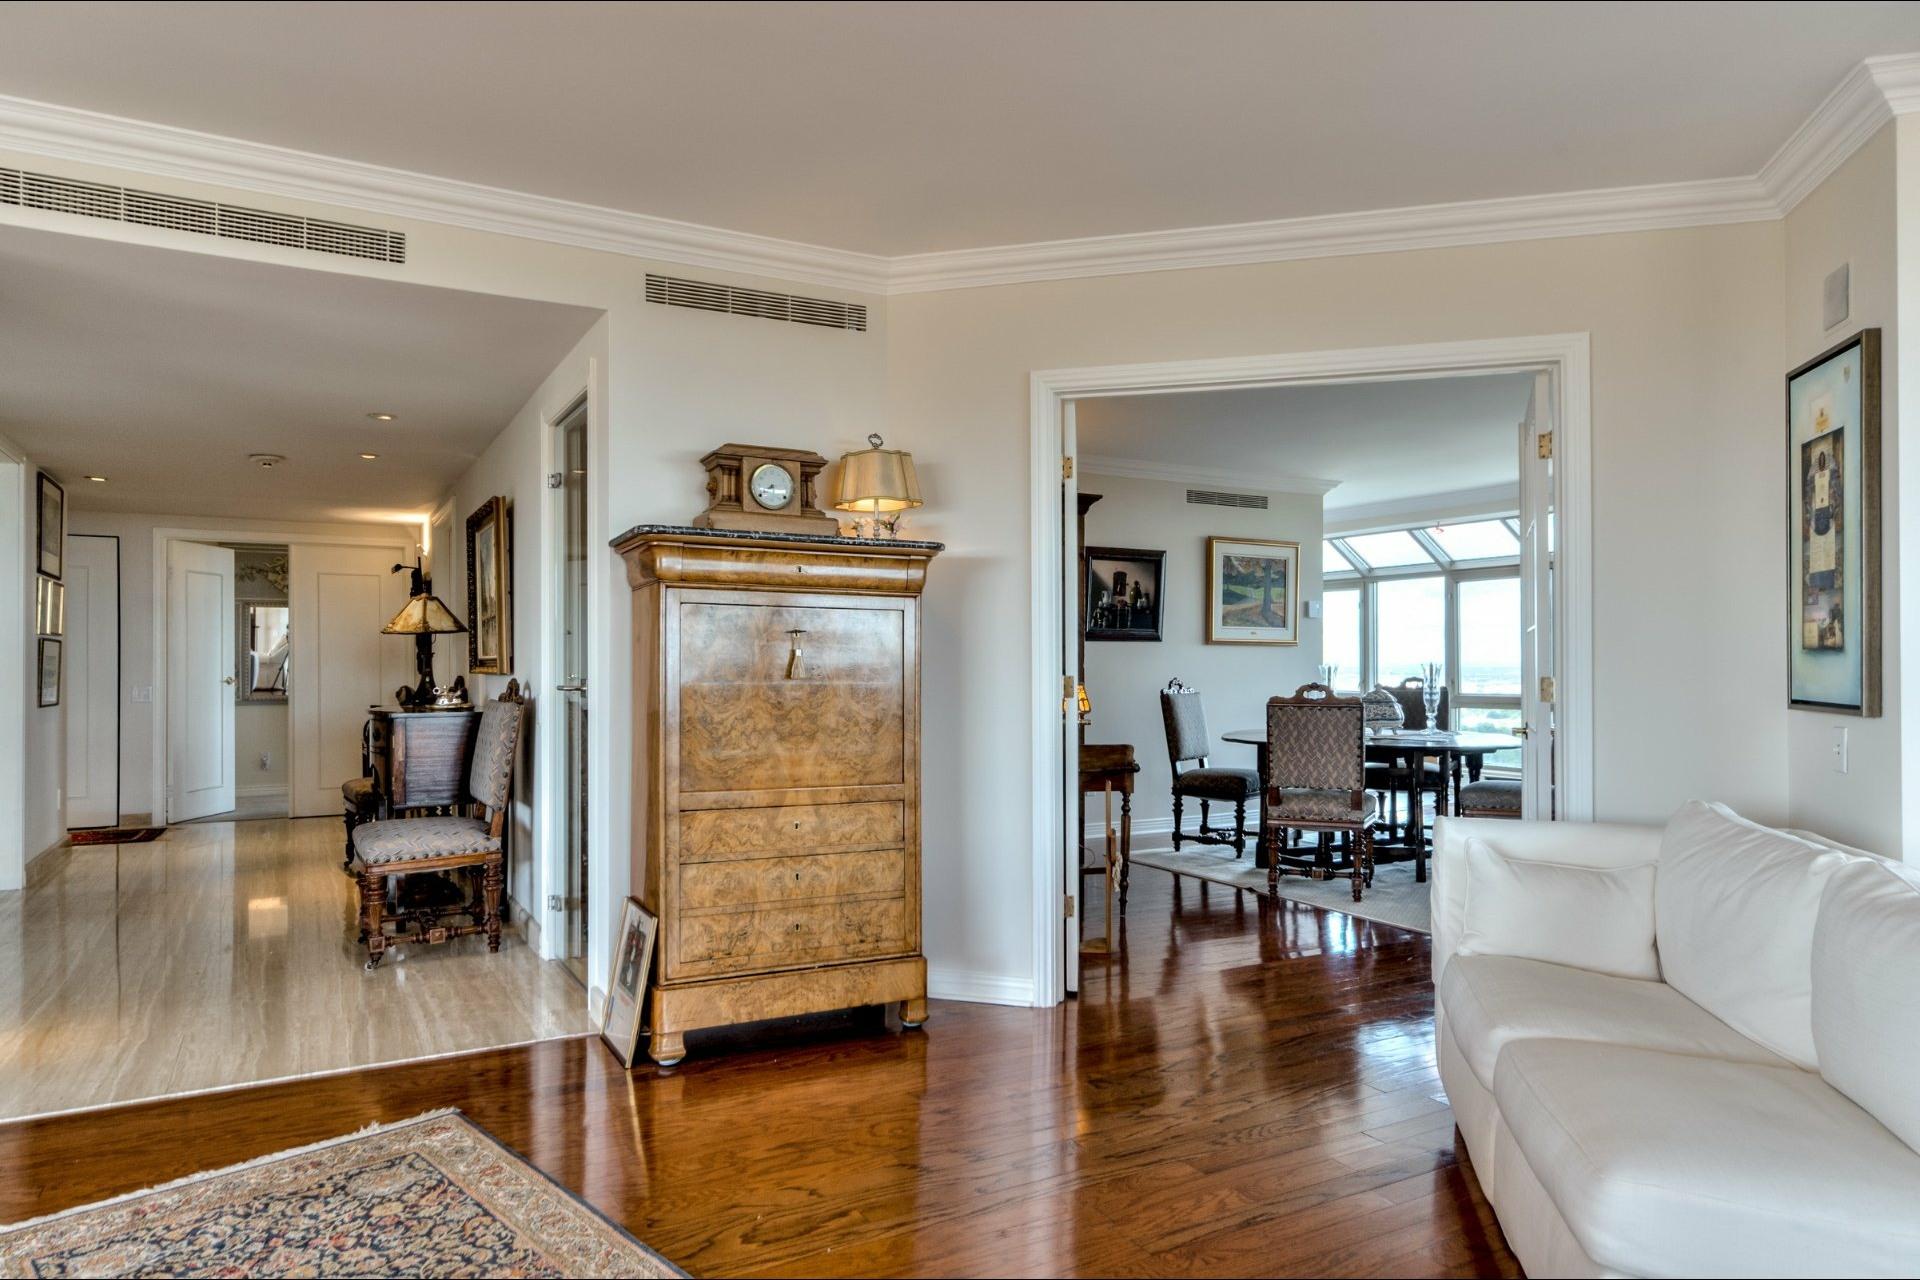 image 8 - Appartement À vendre Côte-des-Neiges/Notre-Dame-de-Grâce Montréal  - 12 pièces